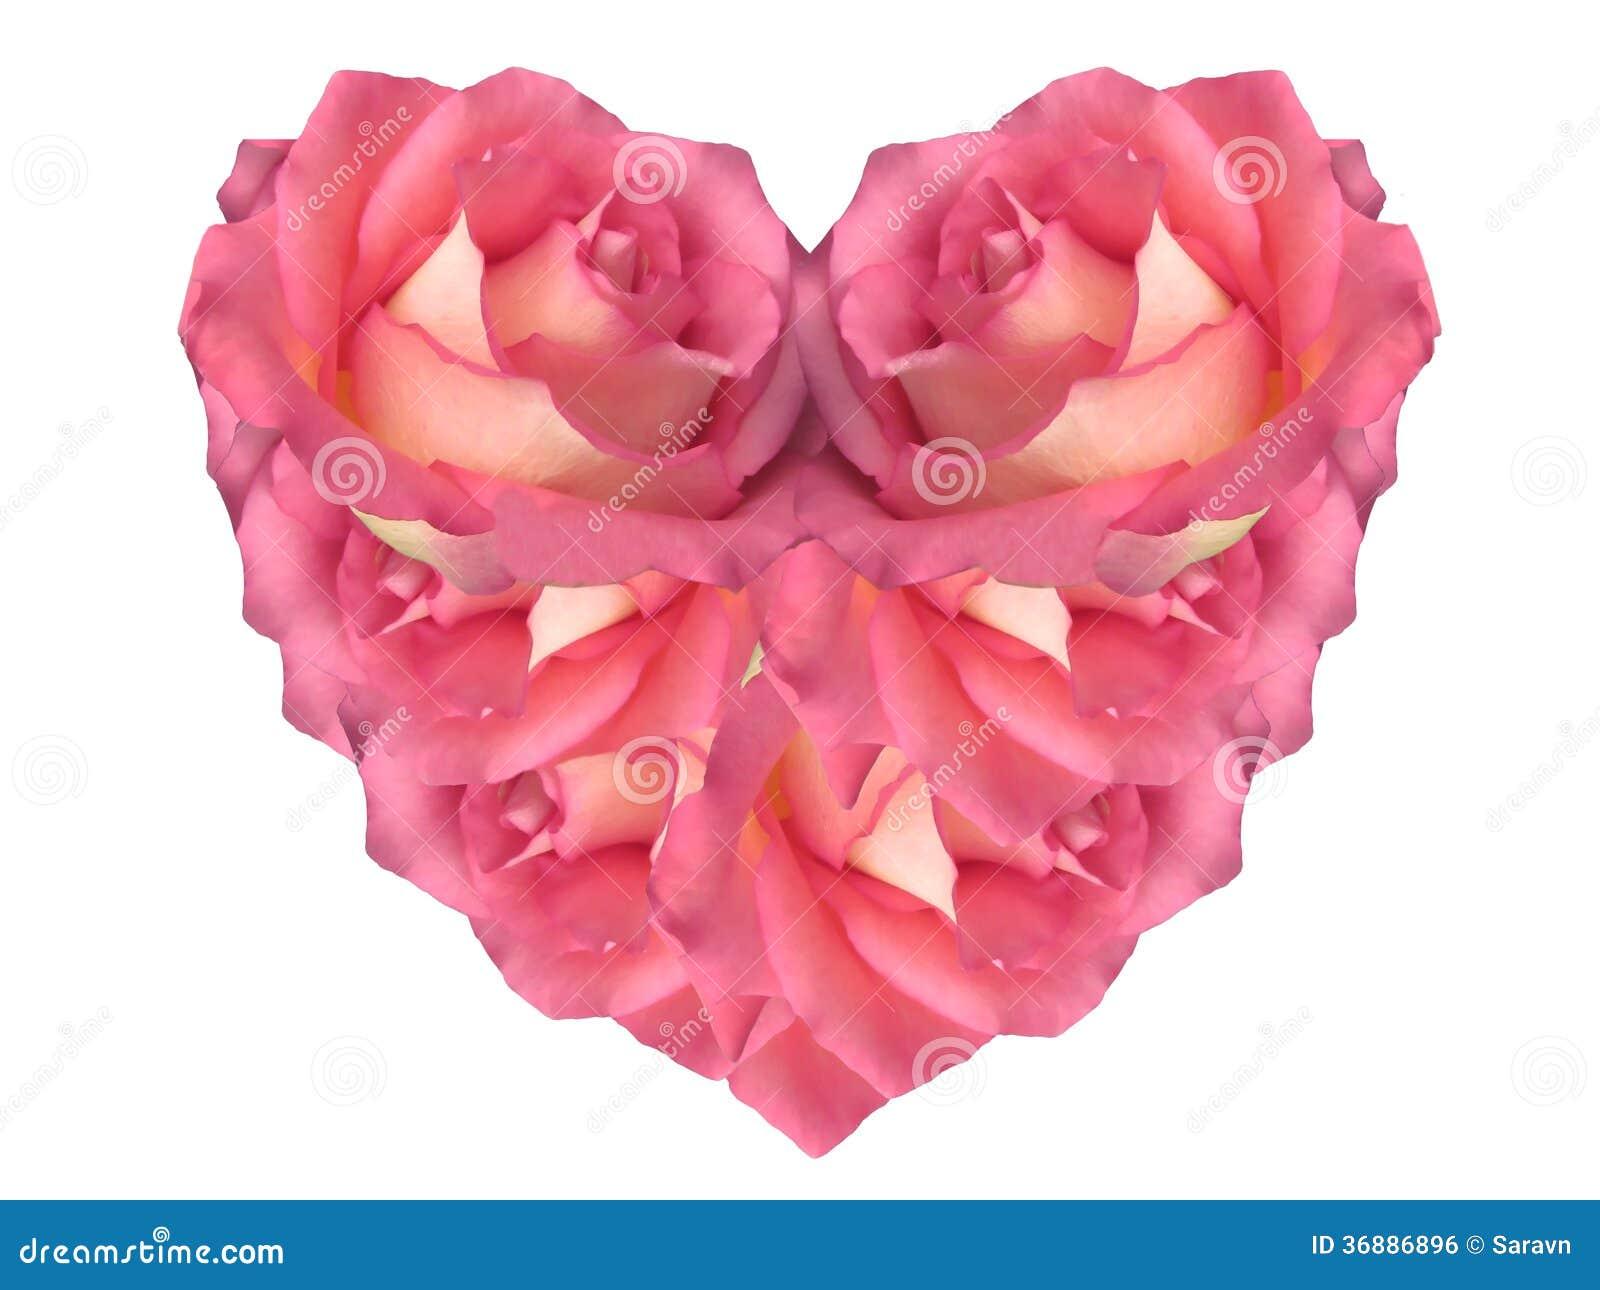 Download Cuore Rosa Fatto Delle Rose Fotografia Stock - Immagine di romantico, bianco: 36886896